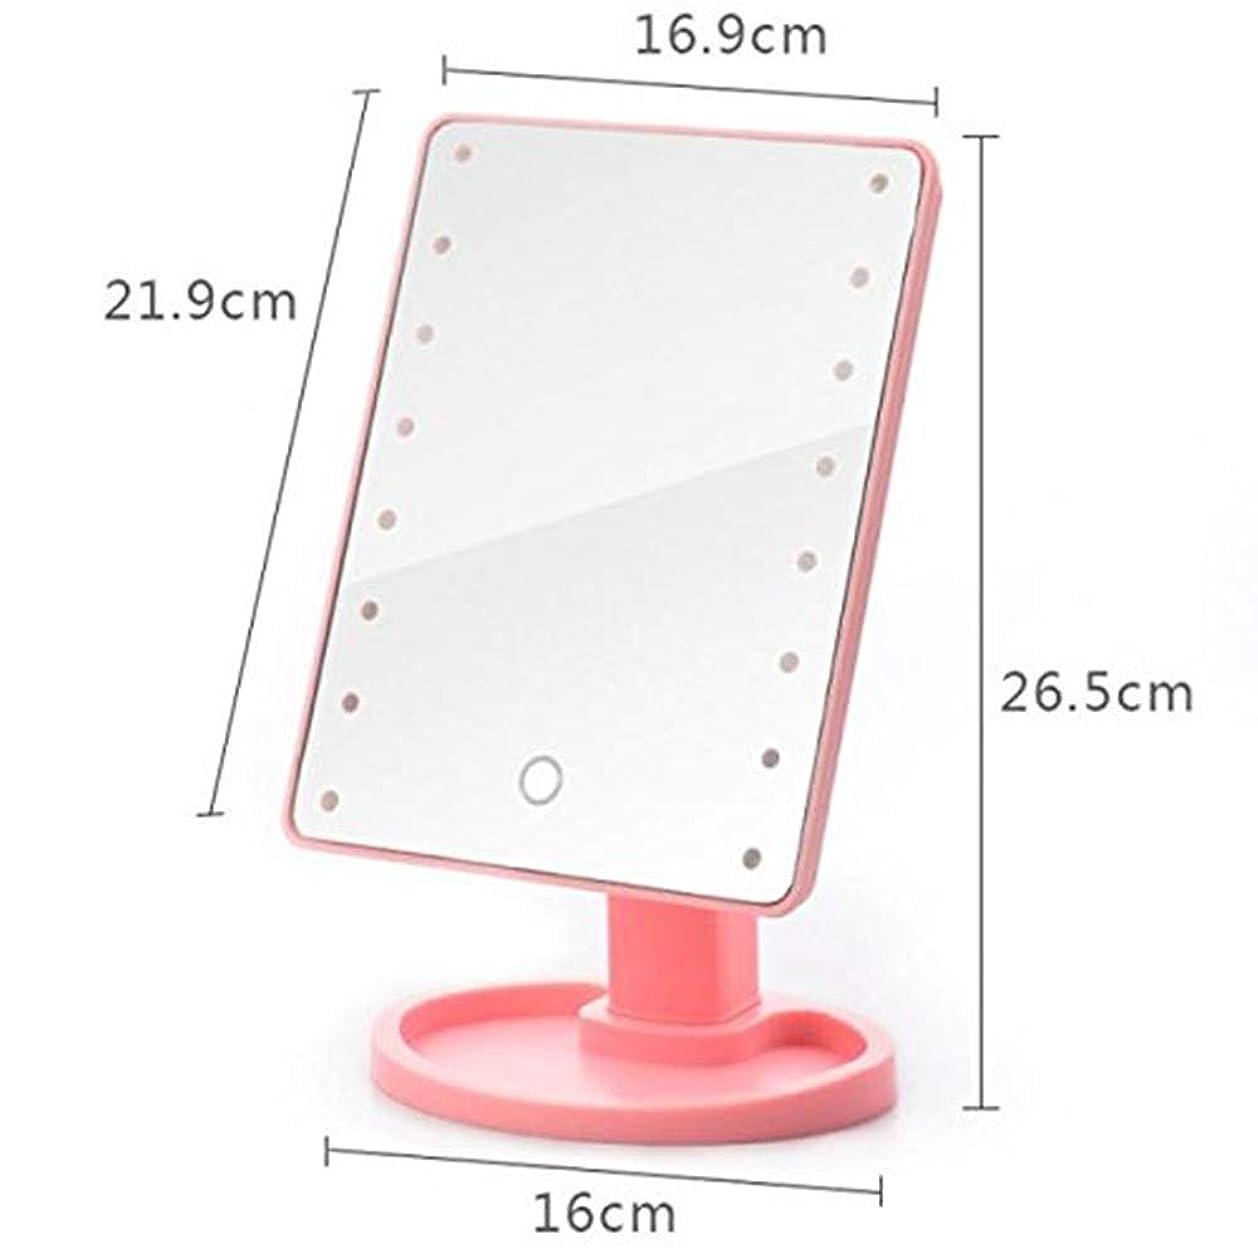 逮捕刈るベギンRedPeg照明付き化粧台ミラー付き16 ledライト&タッチスクリーンDimmable10x拡大鏡ミラー用バスルーム寝室デスクトップ卓上 (ピンク)